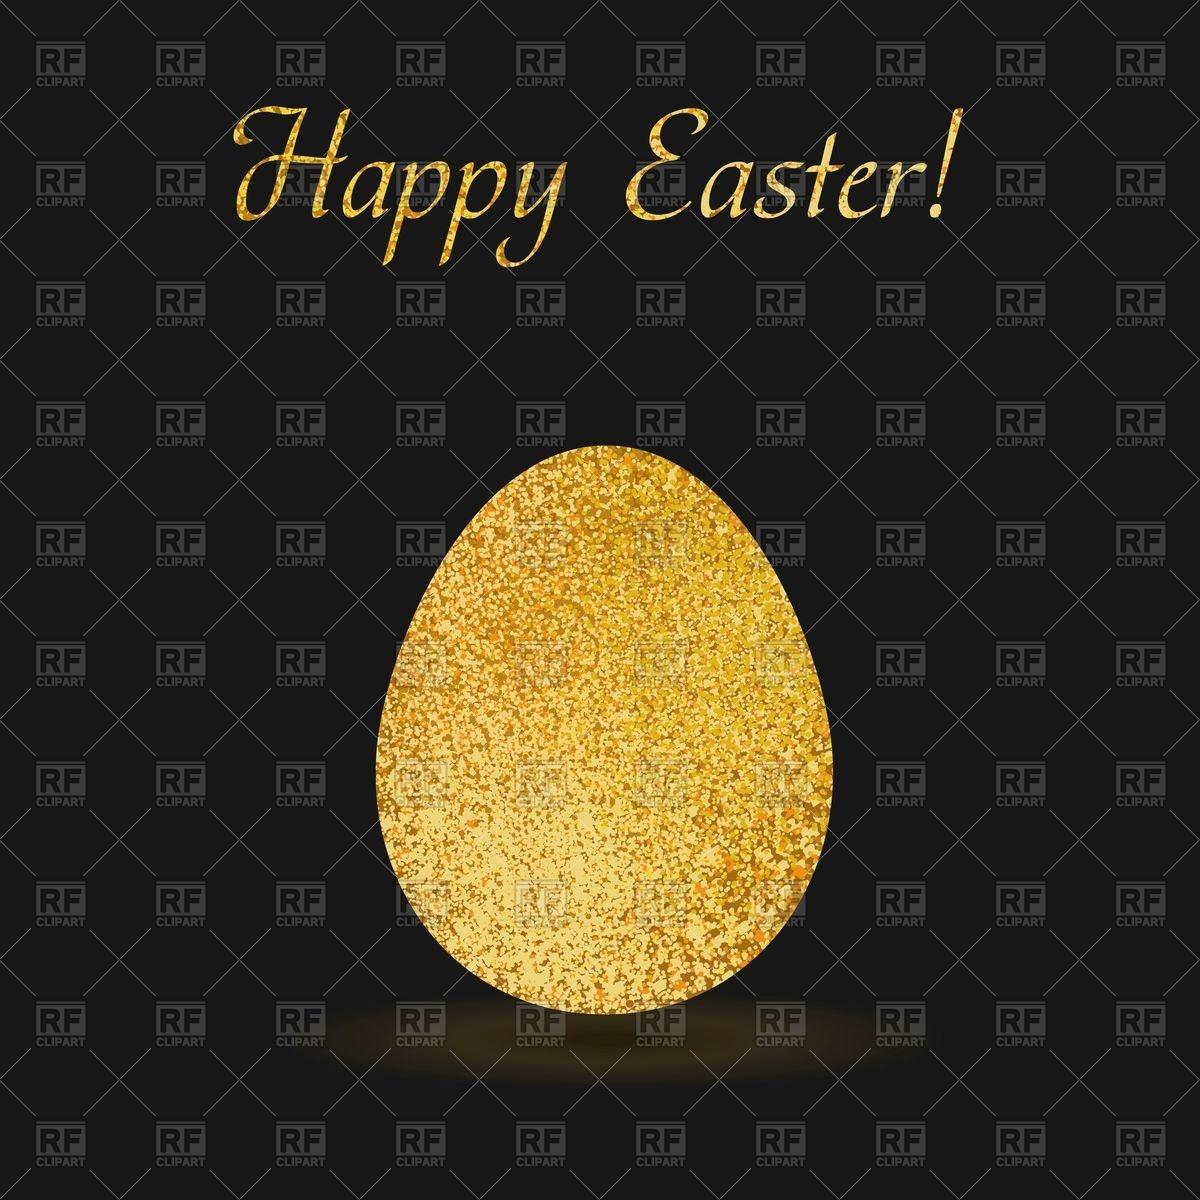 Golden Easter egg on black background Vector Image #98320 – RFclipart svg download